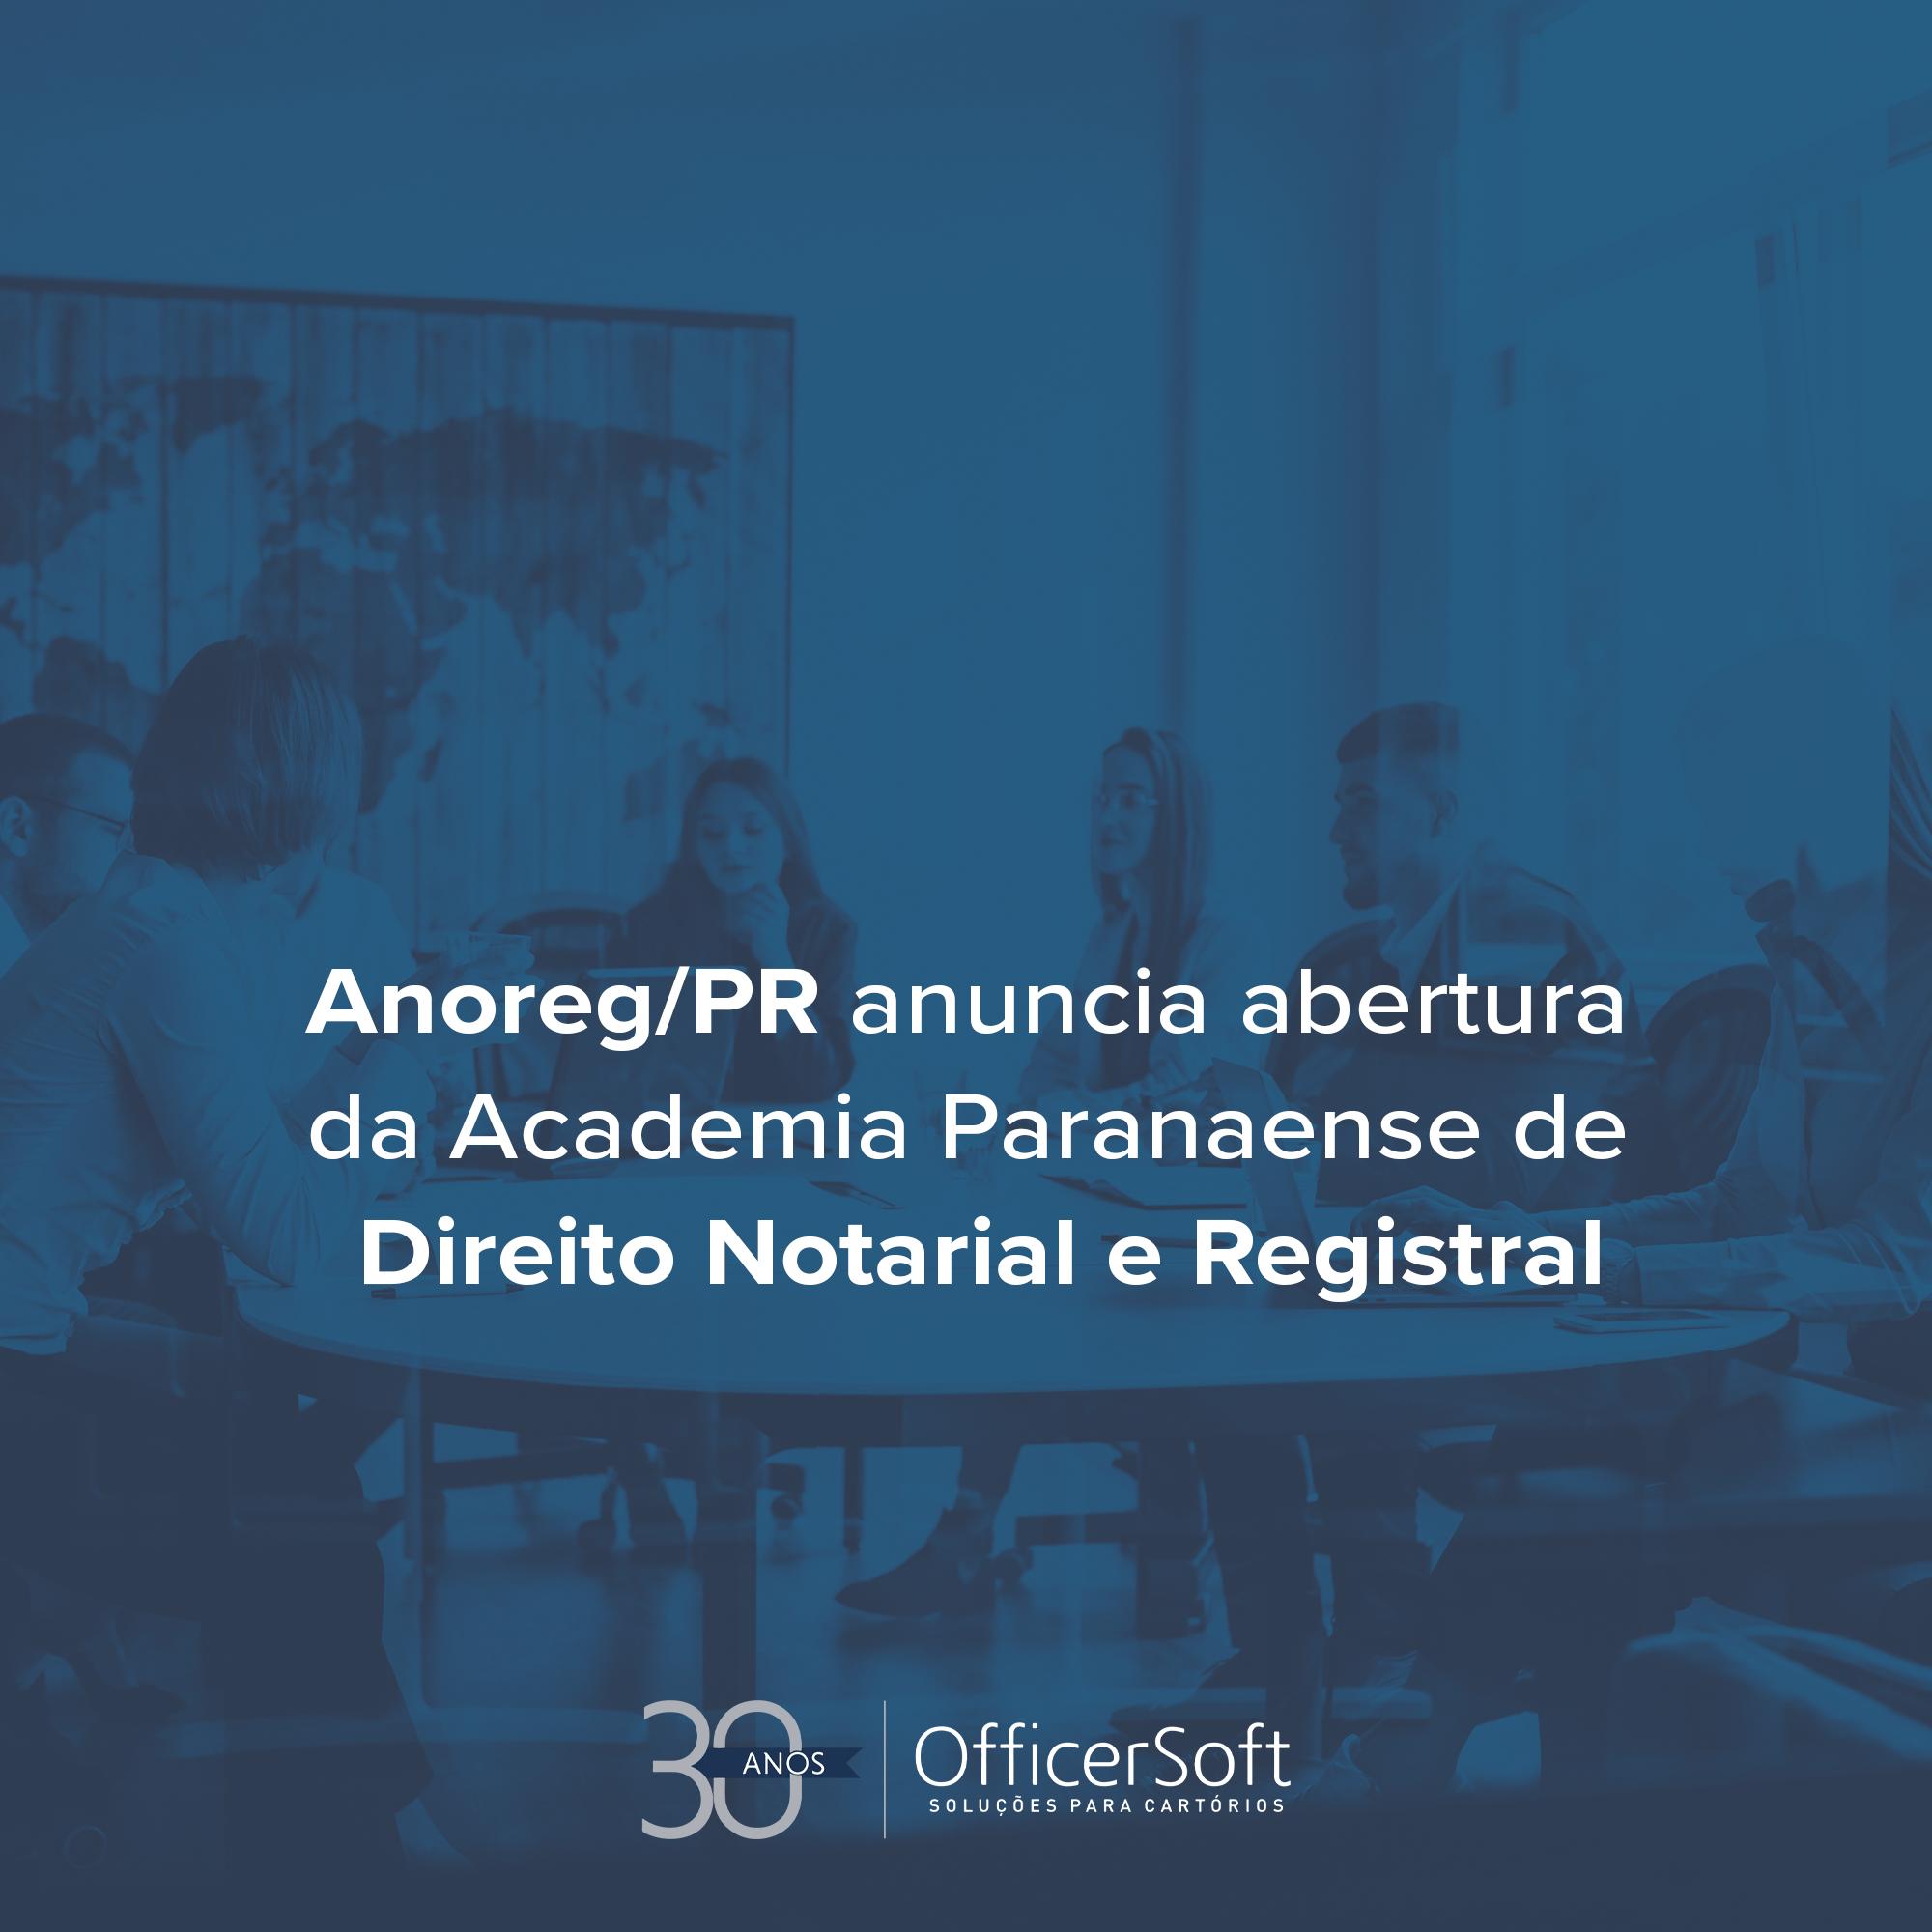 Anoreg/PR anuncia abertura da Academia Paranaense de Direito Notarial e Registral